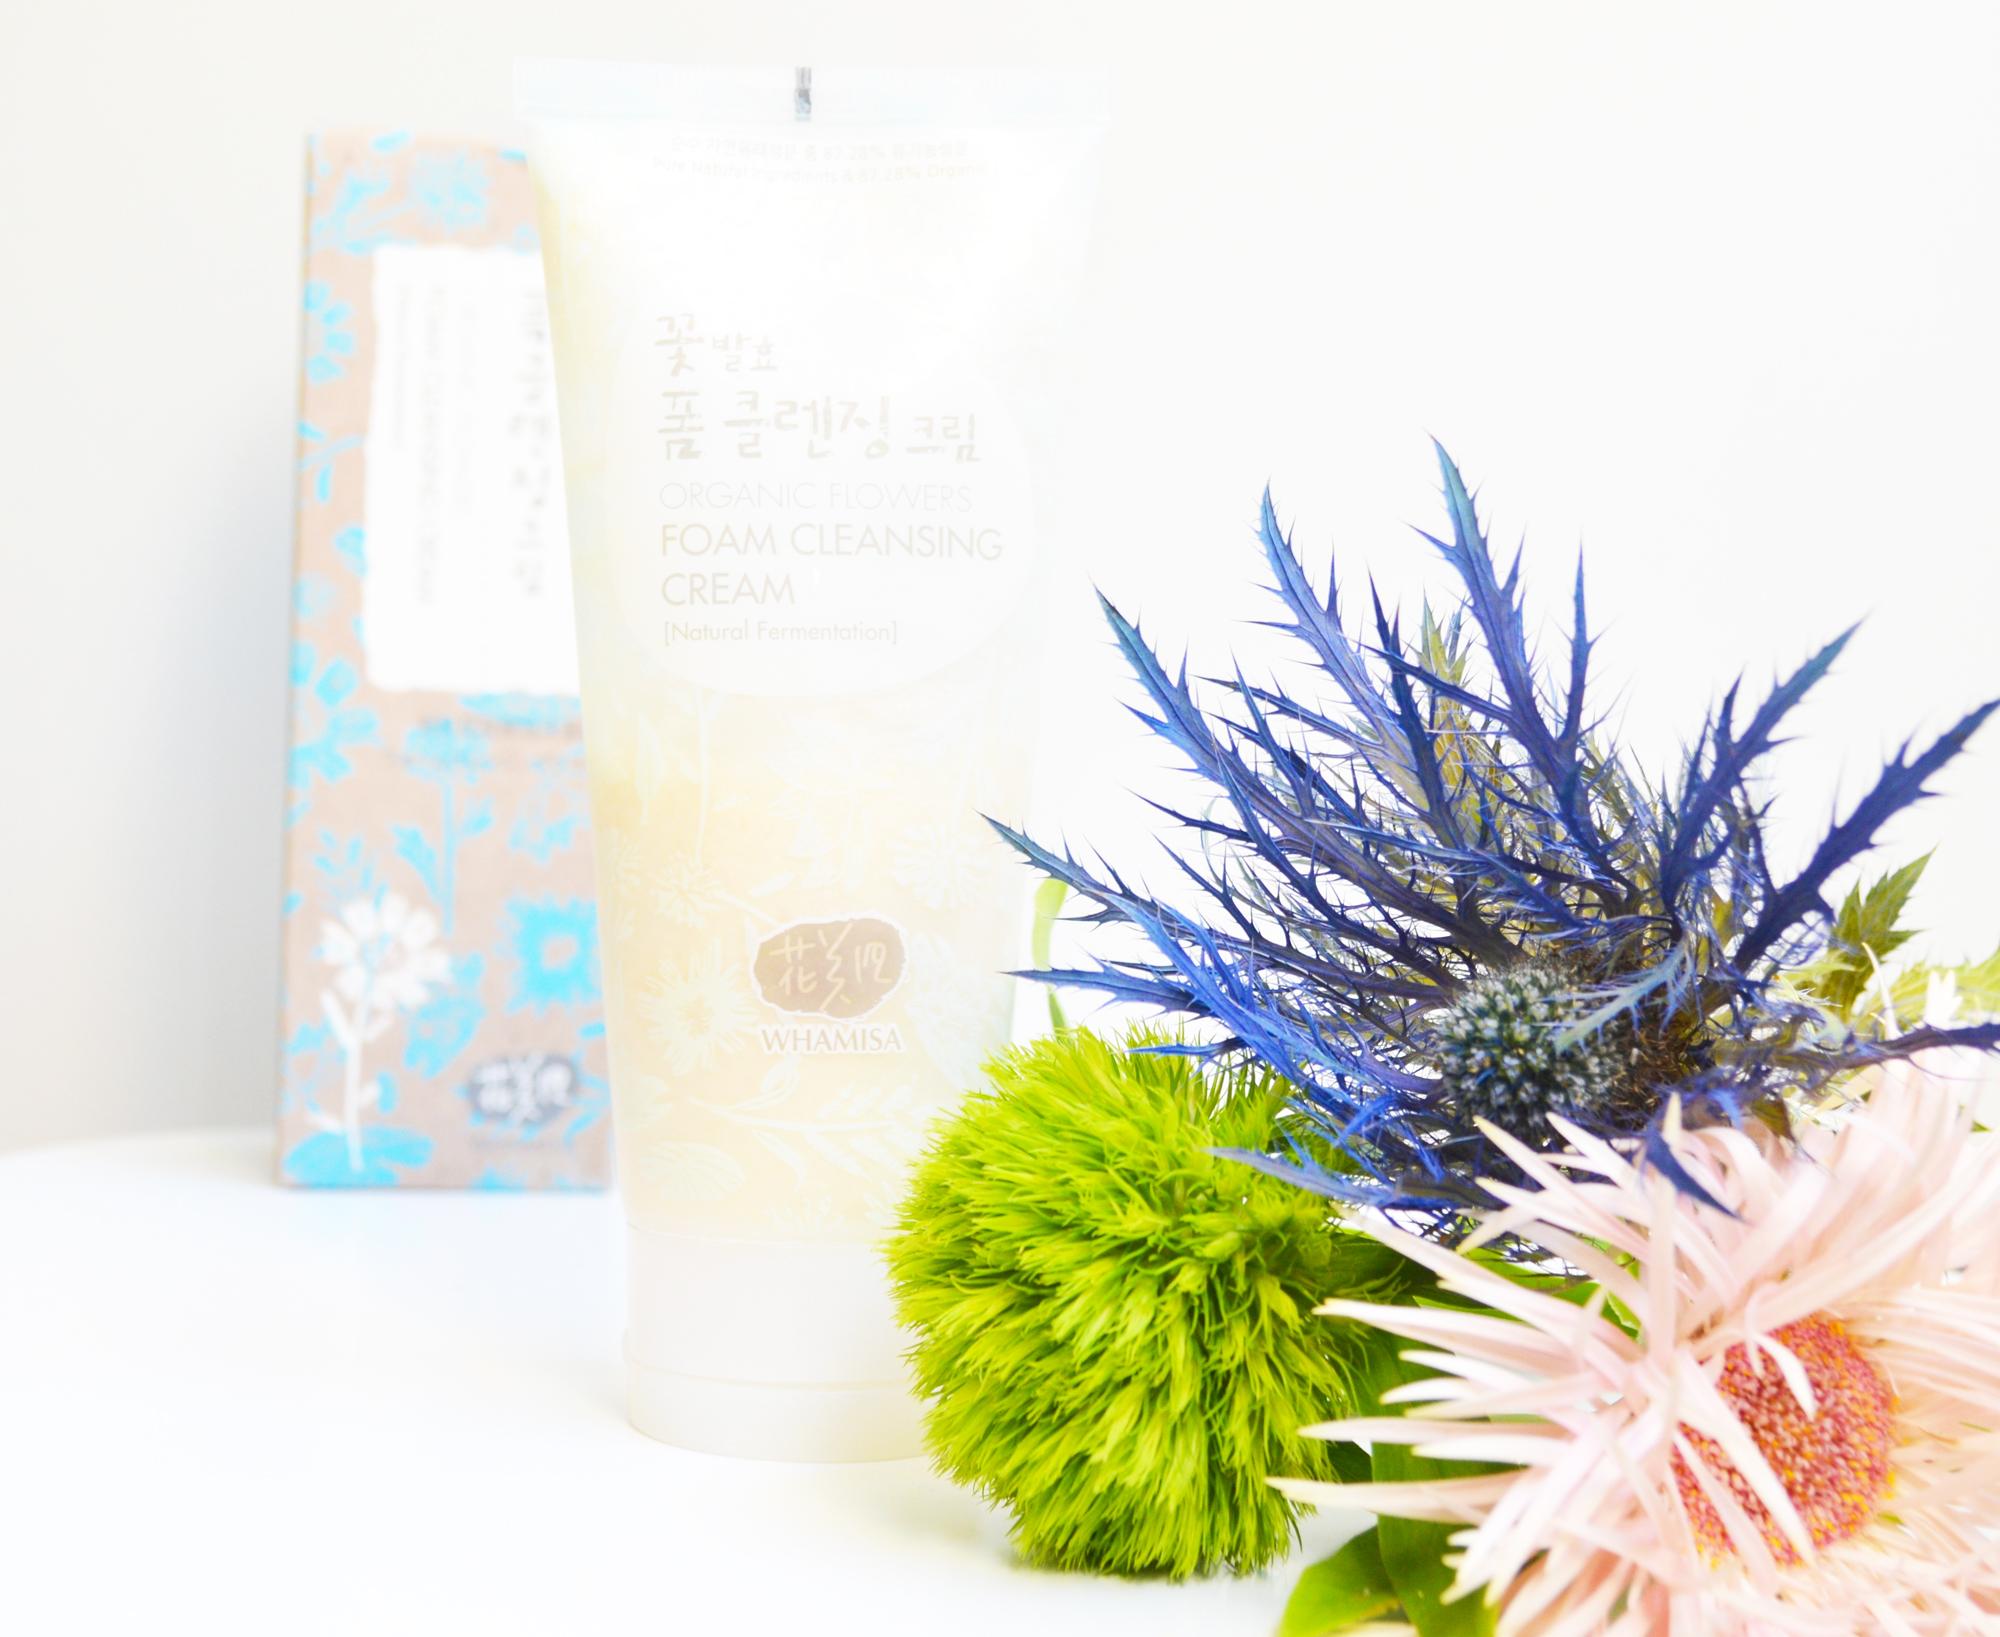 Nettoyant Whamisa Organic Flowers Cleansing Foam Cream : avis et revue